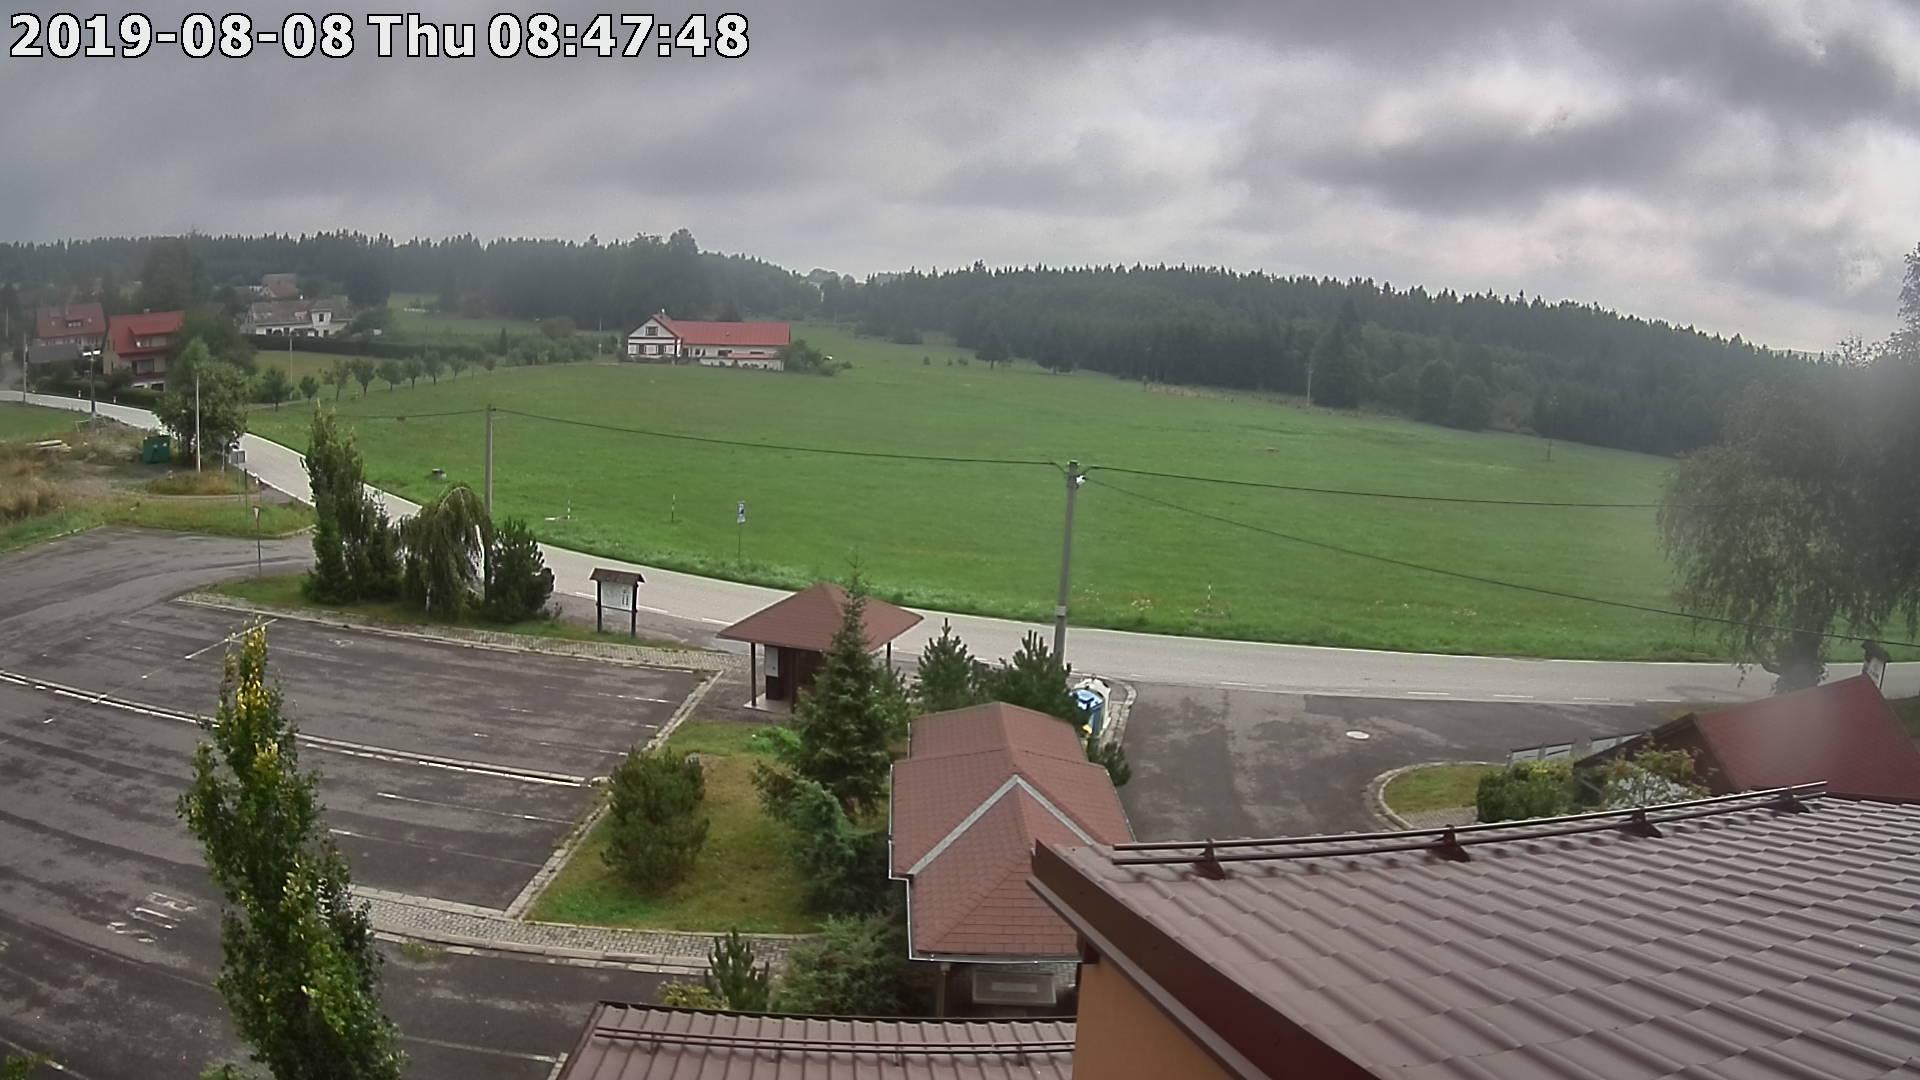 Webkamera ze dne 2019-08-08